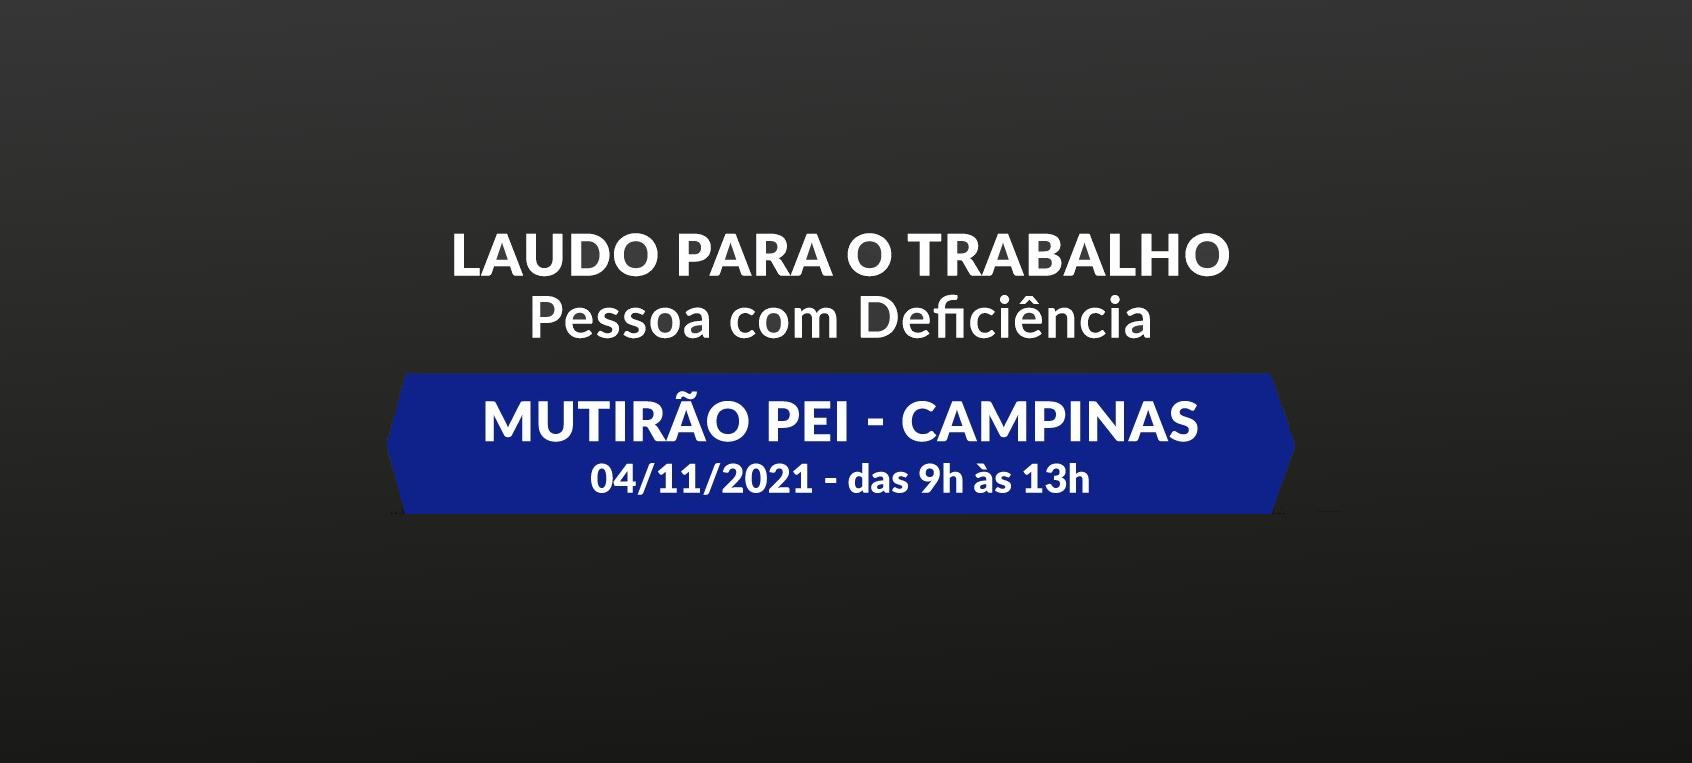 Pessoas com Deficiência de Campinas recebem 2º mutirão de laudo caracterizador para ingresso no mercado de trabalho